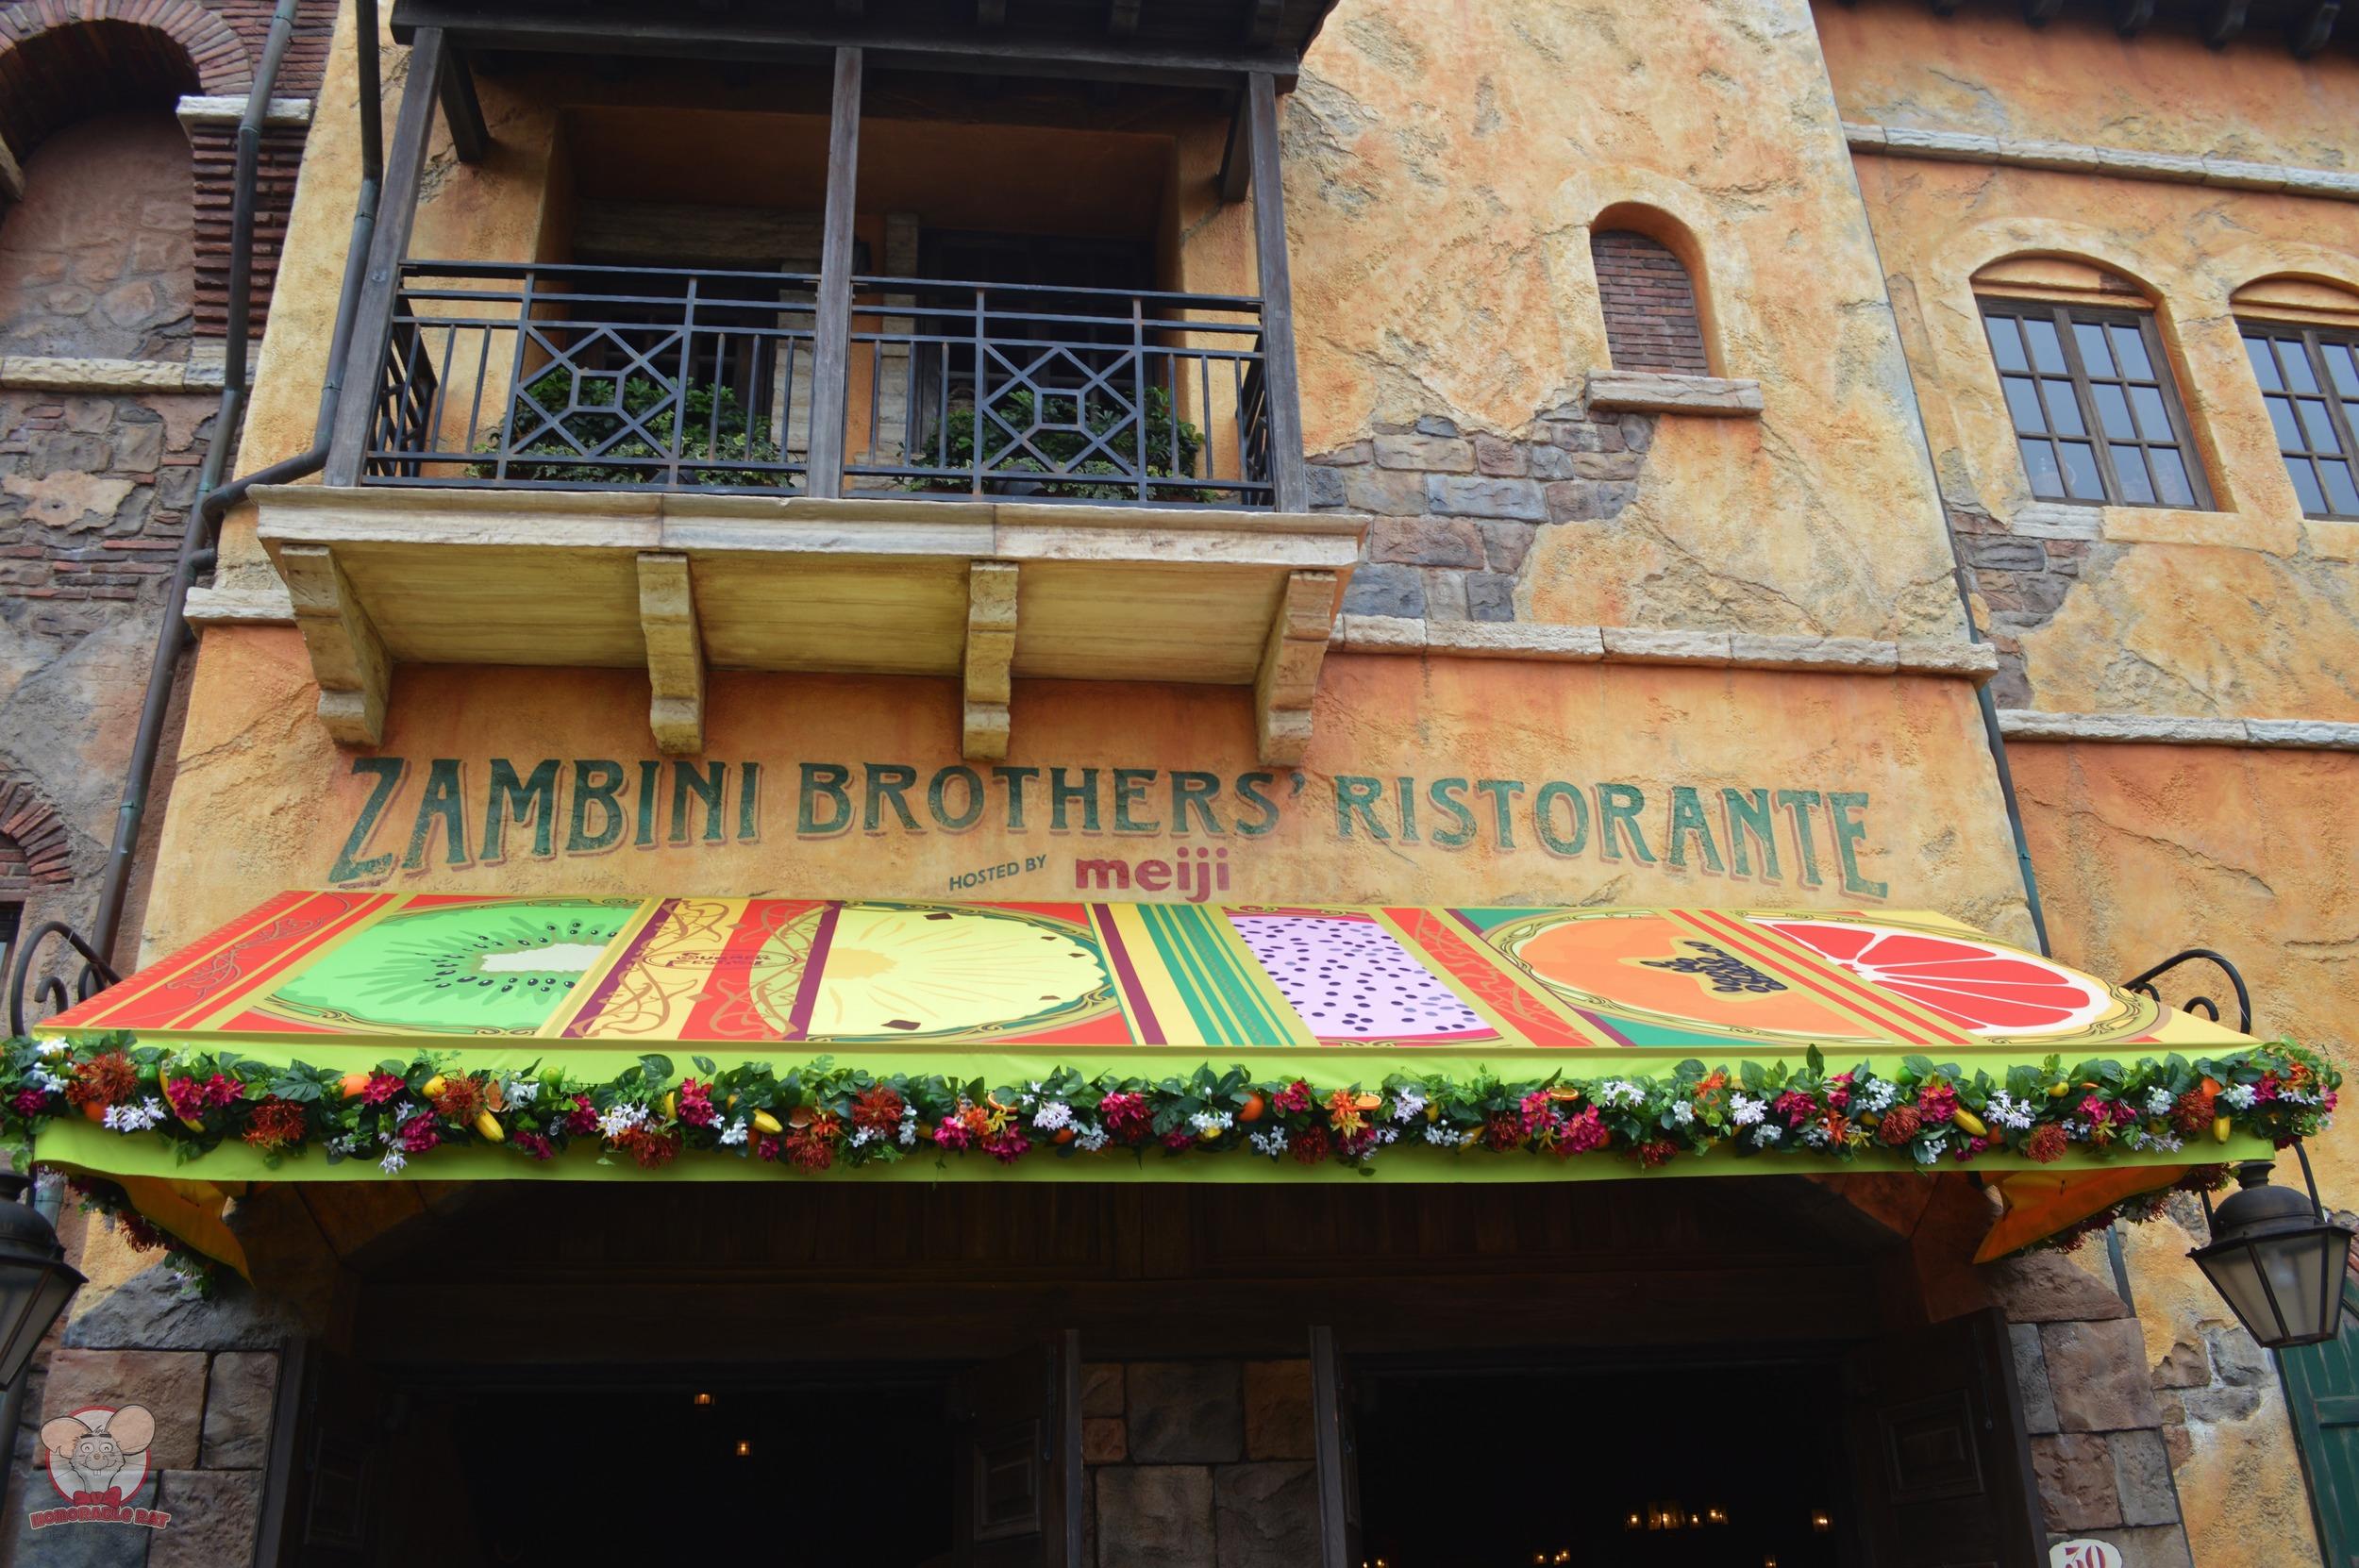 Zambini Brothers Ristorante